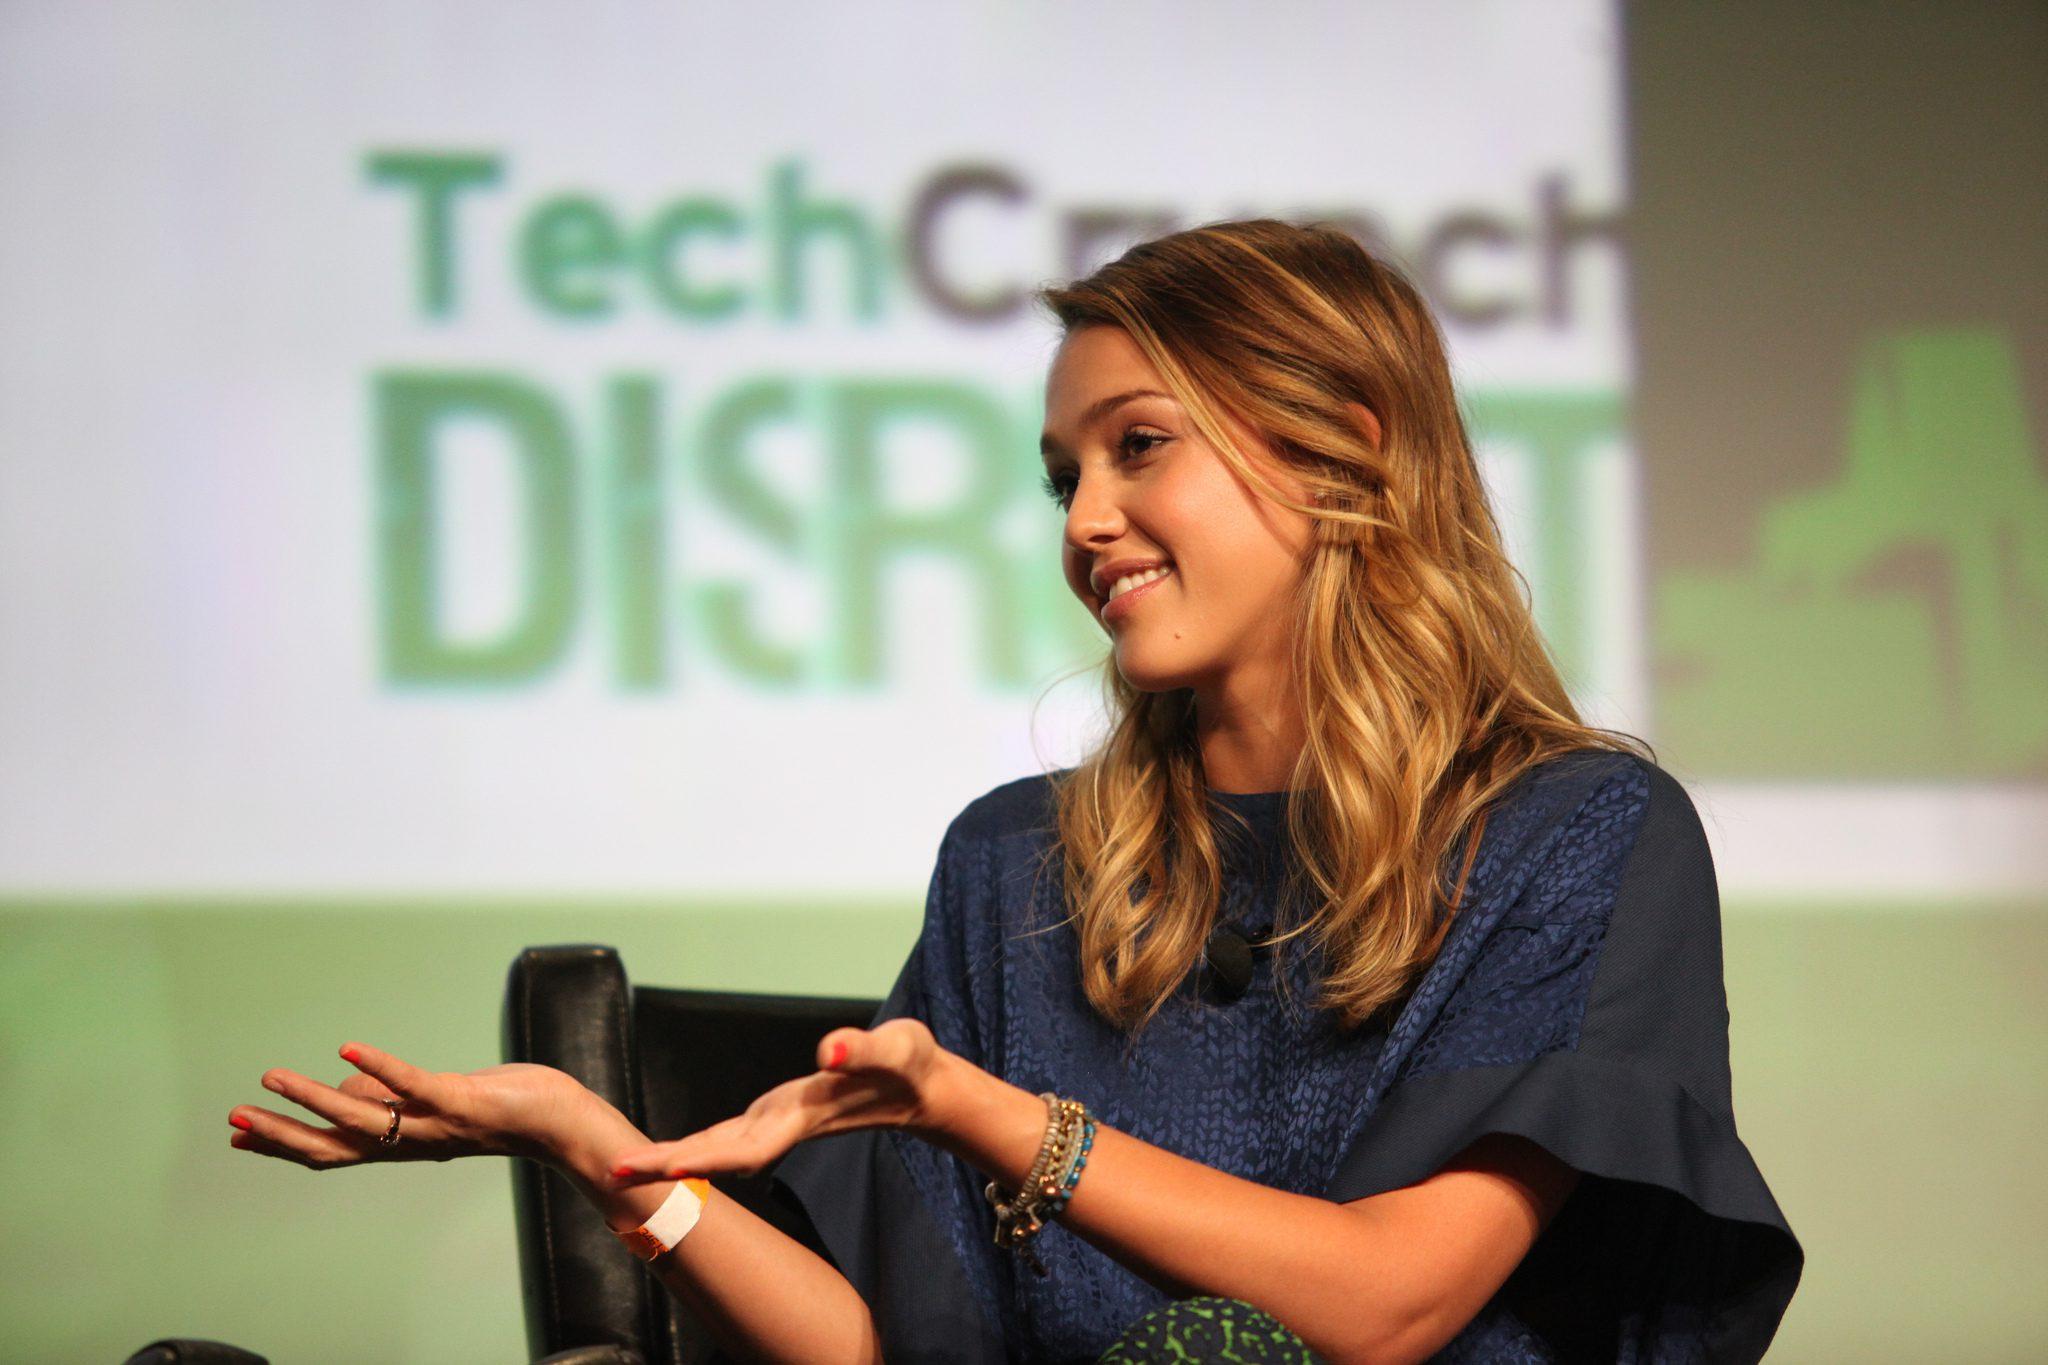 女優から転向し1000億円企業The Honest Companyを作ったジェシカ・アルバ(Jessica Alba)とシリアルアントレプレナー ブライアン・リー(Brian Lee)による起業家へのアドバイス!